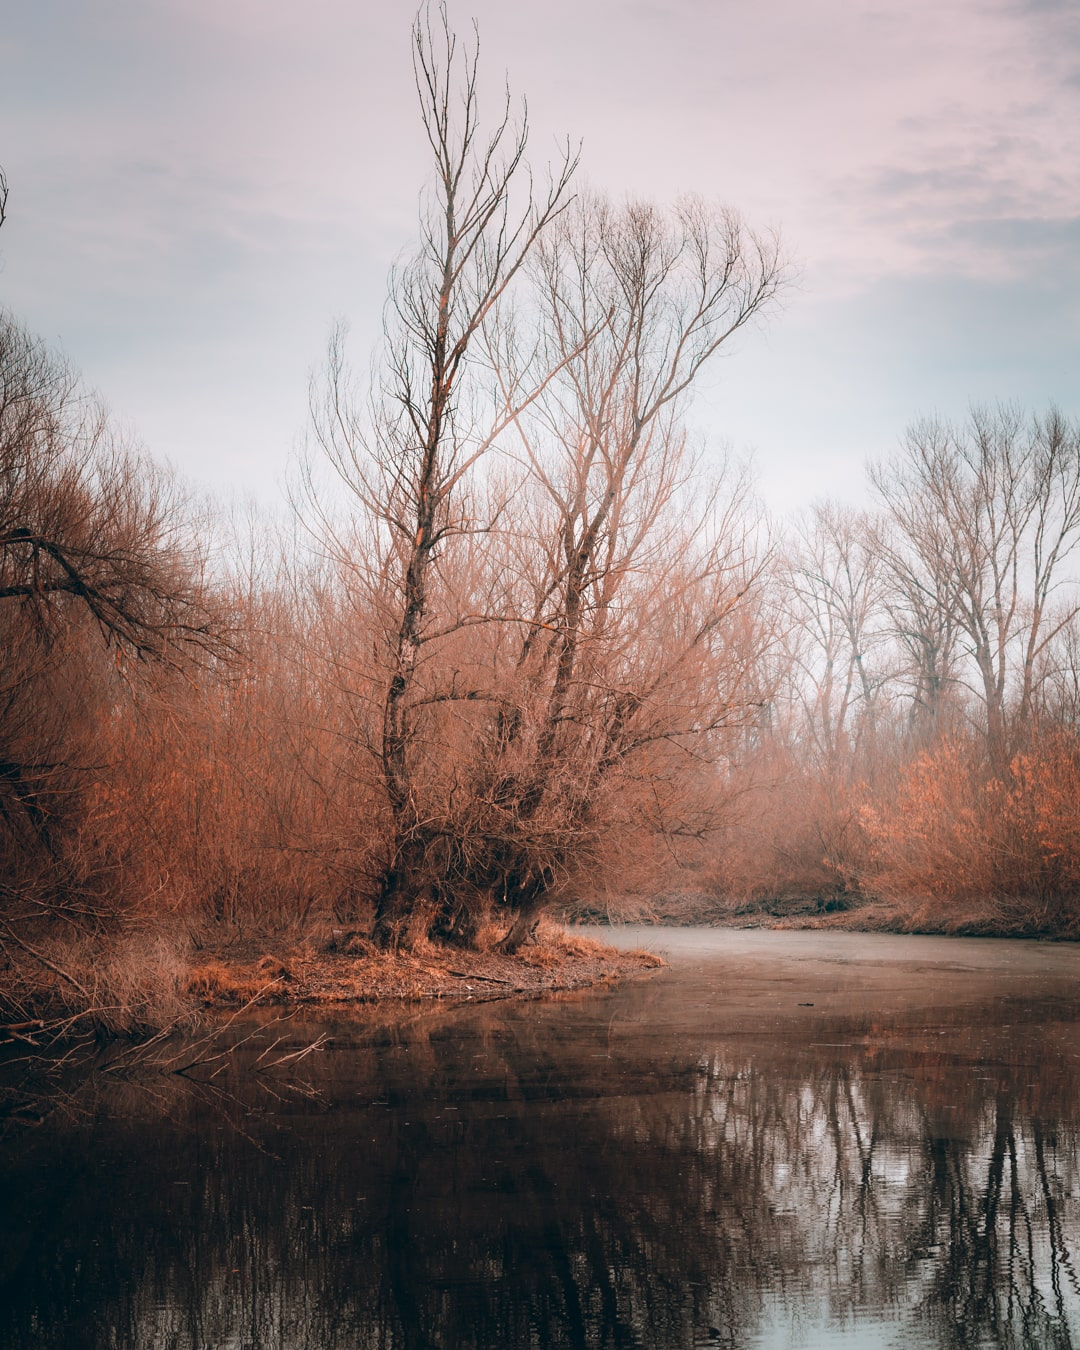 močiar, jesennej sezóny, vodný systém, stromy, les, mokraď, svitania, Príroda, strom, hmla